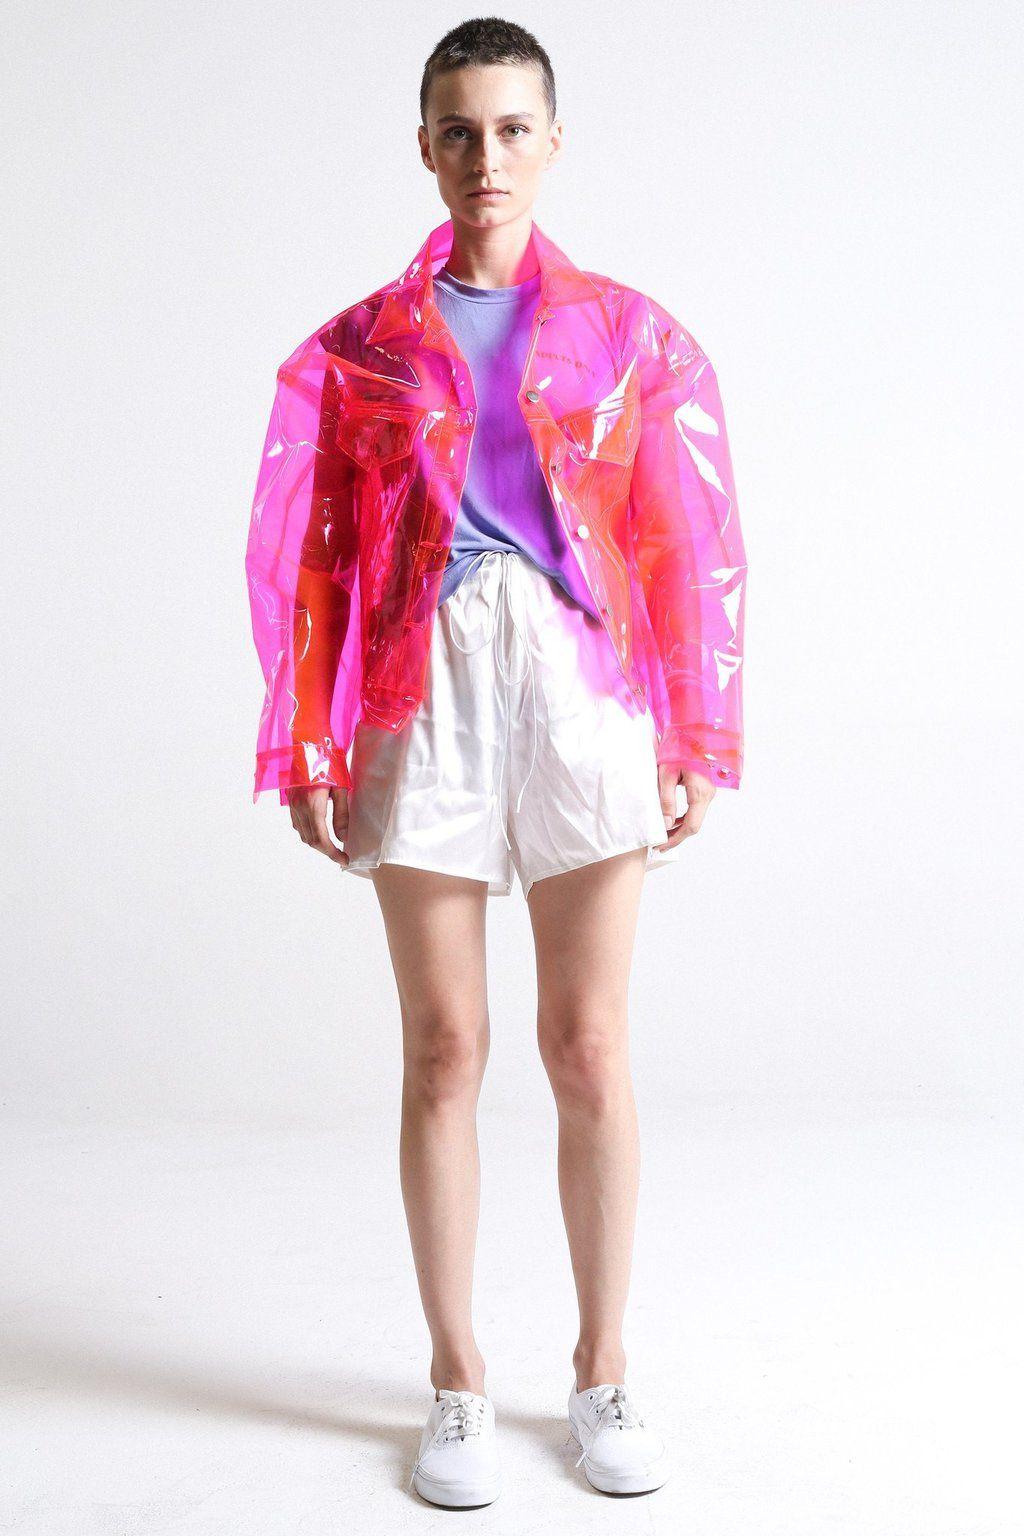 BRASHY Crystalline Pink Jacket (Pre-Order) @brashydotnet